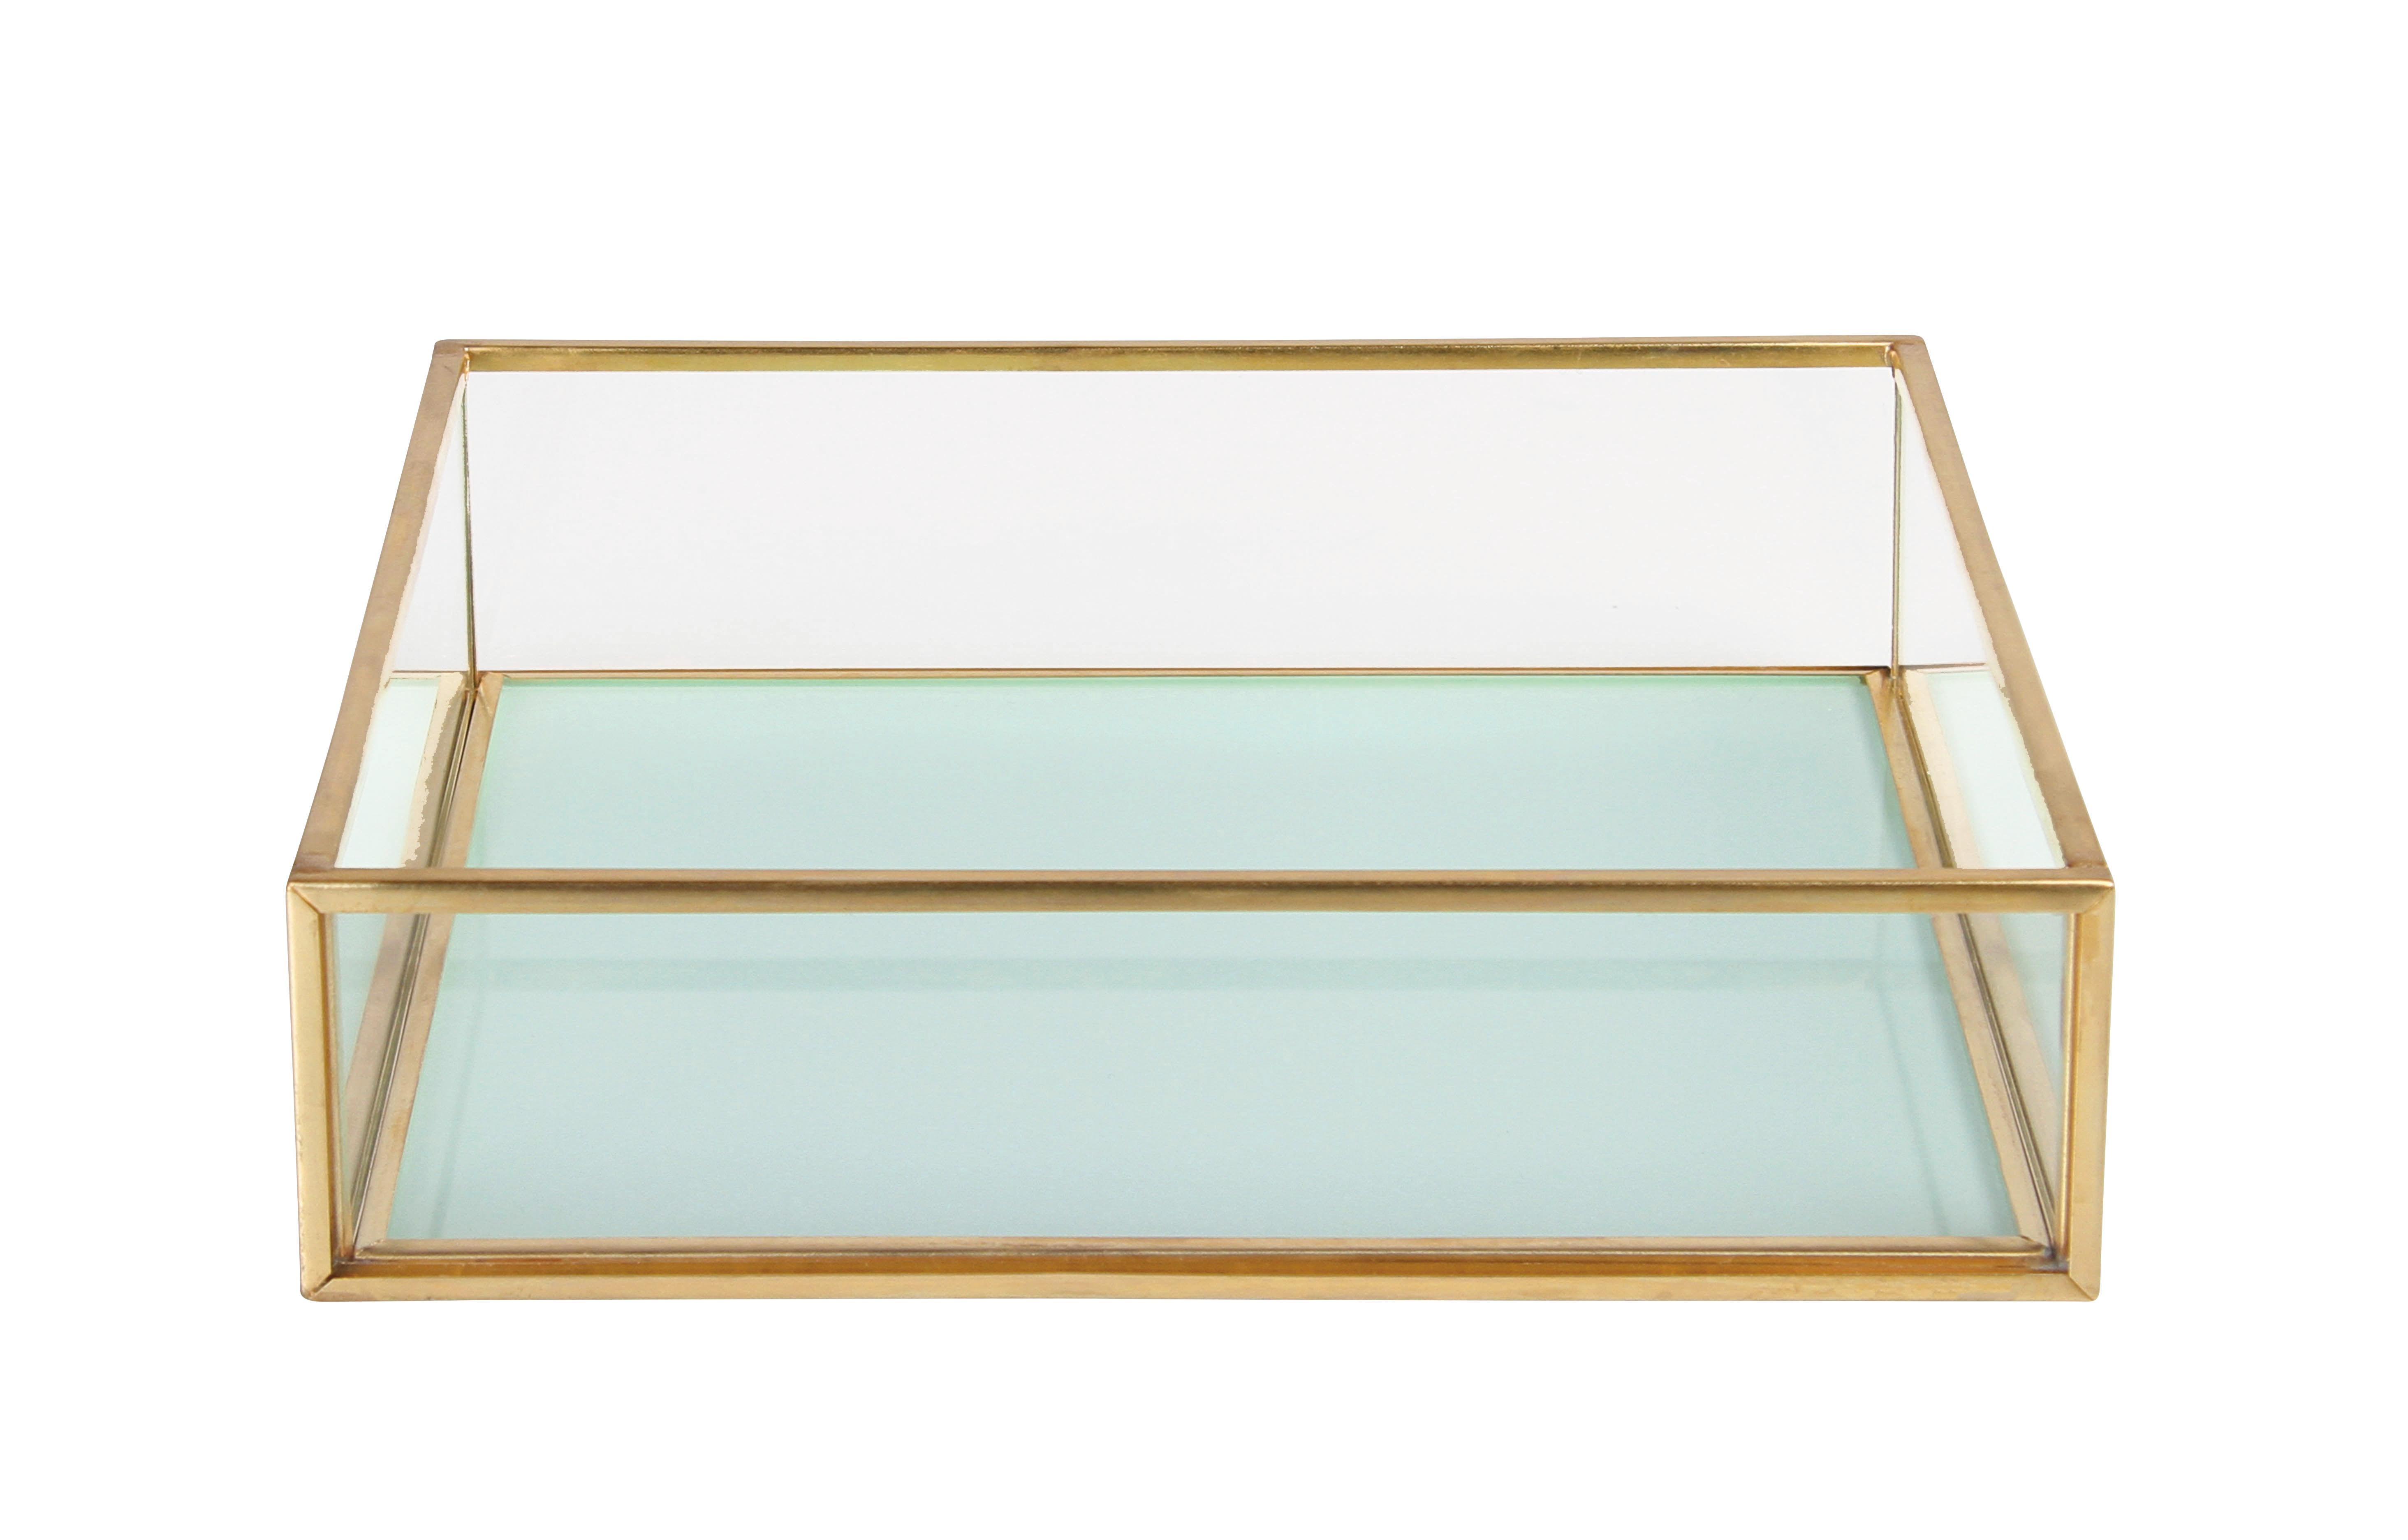 Déco - Boîtes déco - Coupelle / 16 x 16 cm - & klevering - Carré / Bleu ciel - Métal finition laiton, Verre